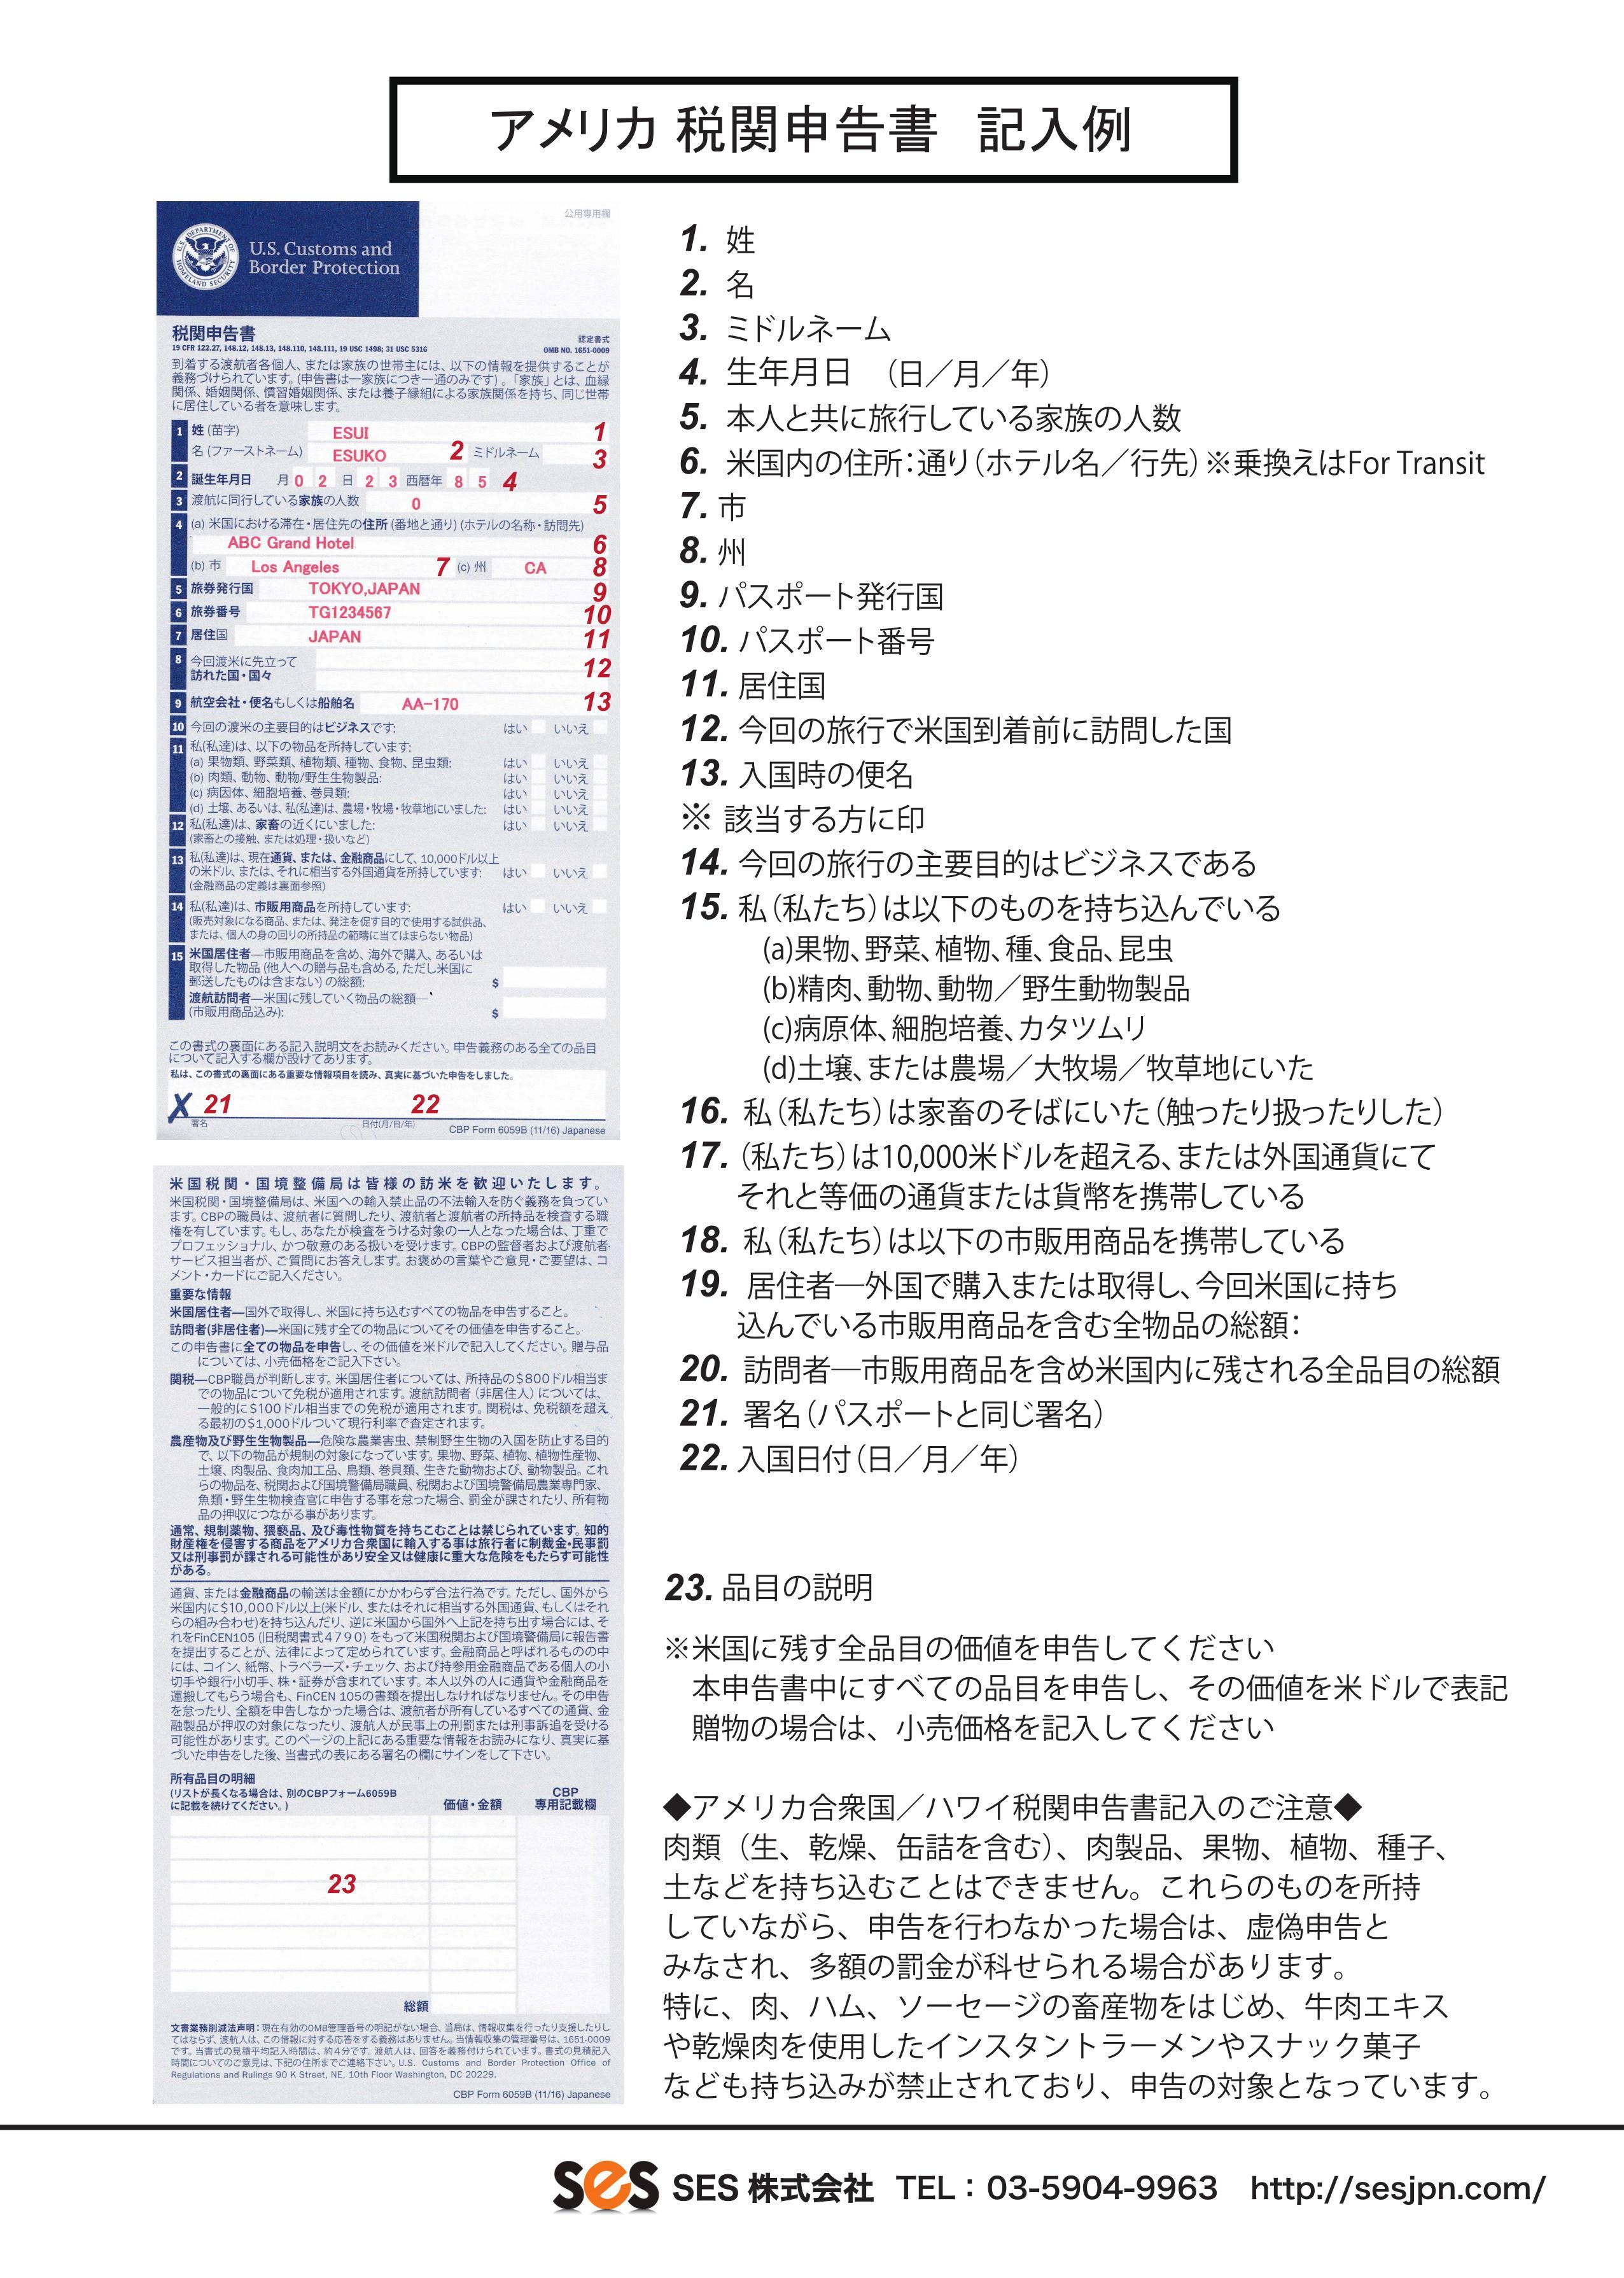 アメリカ税関申告書